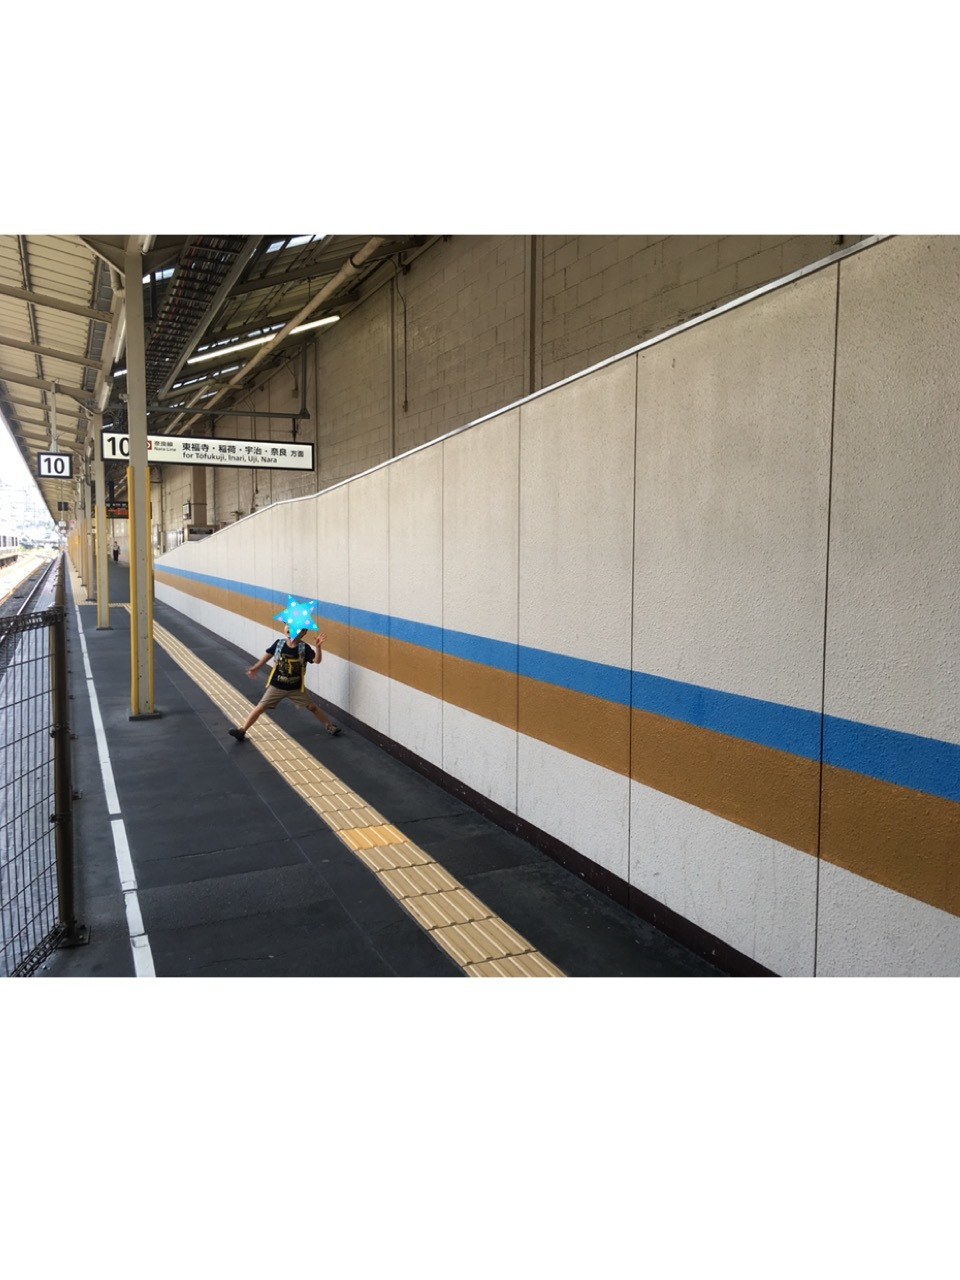 東海道新幹線に乗っていざ京都へ!  *夏休み京都鉄道旅①*_d0367998_10562541.jpeg